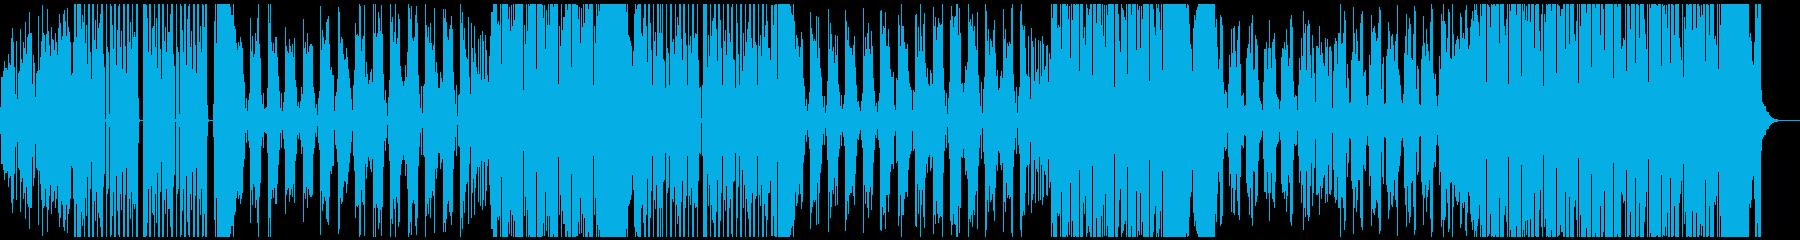 【洋楽風】ハイテンポ、ファンキー、ハウスの再生済みの波形